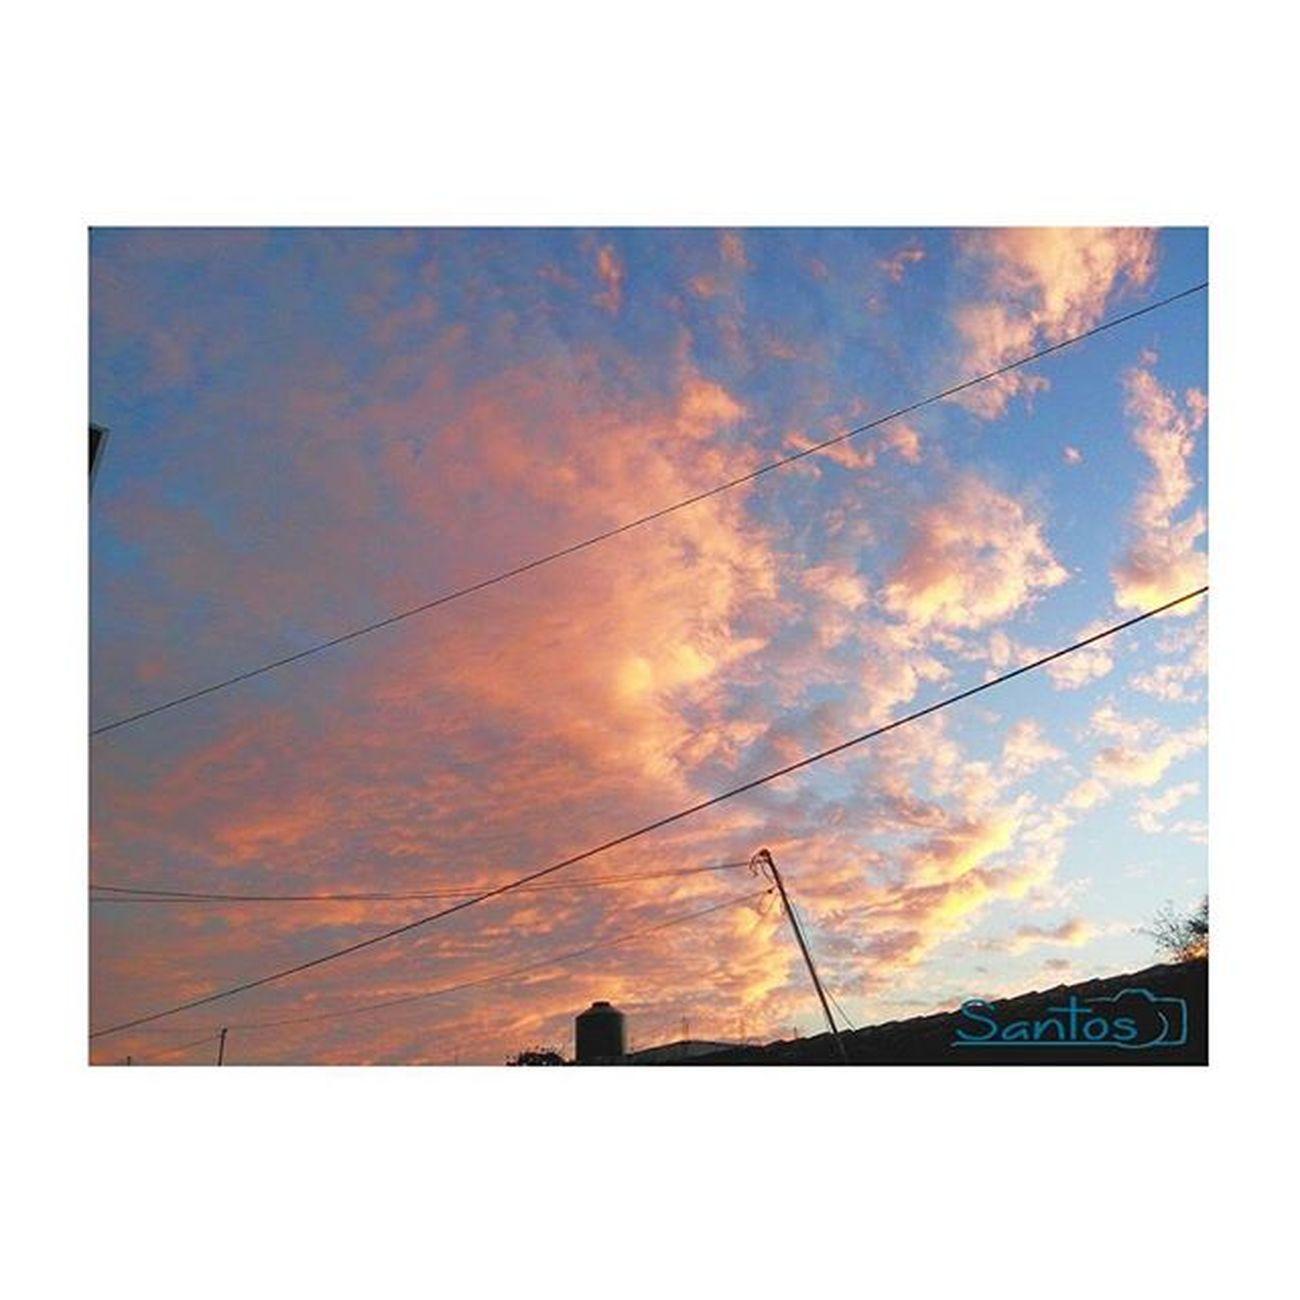 Hoy el cielo está de fiesta te extraño Abstract Art Love Instagood Igerschiapas Ig_chiapas Evocachiapas Viewmex Nature Beginnersmx Momentosmex Ig_color Paisajedfeño Ig_captures VSCO Vscomexico Vscocam Chiapas Instamoment Coverphoto Instamexicanos Icu_mexico Igerscdmx Instacool Pic photoart